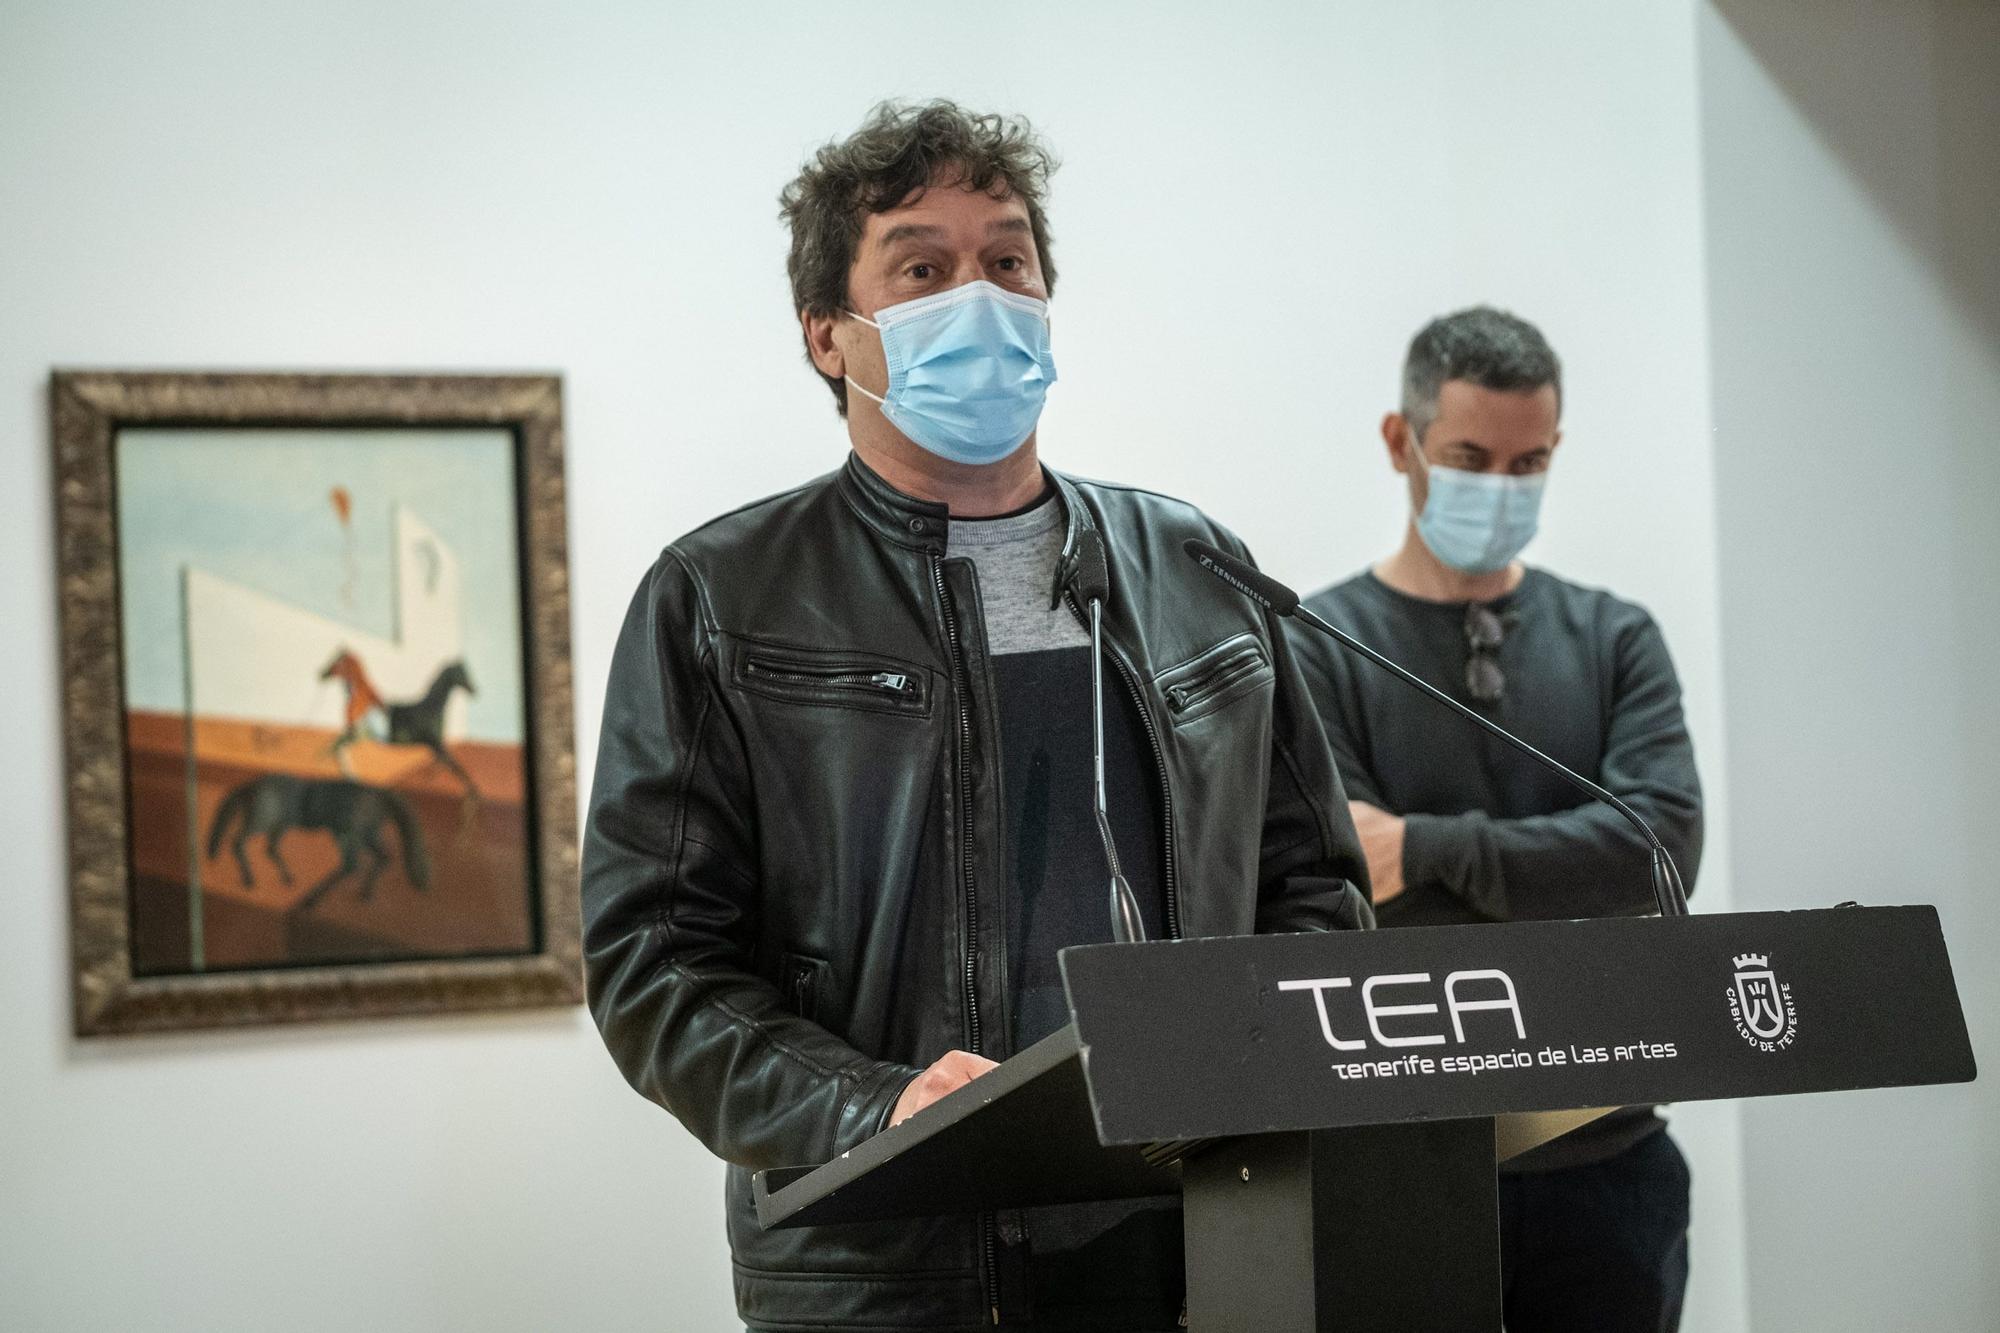 Nueva exposición sobre los fondos de TEA